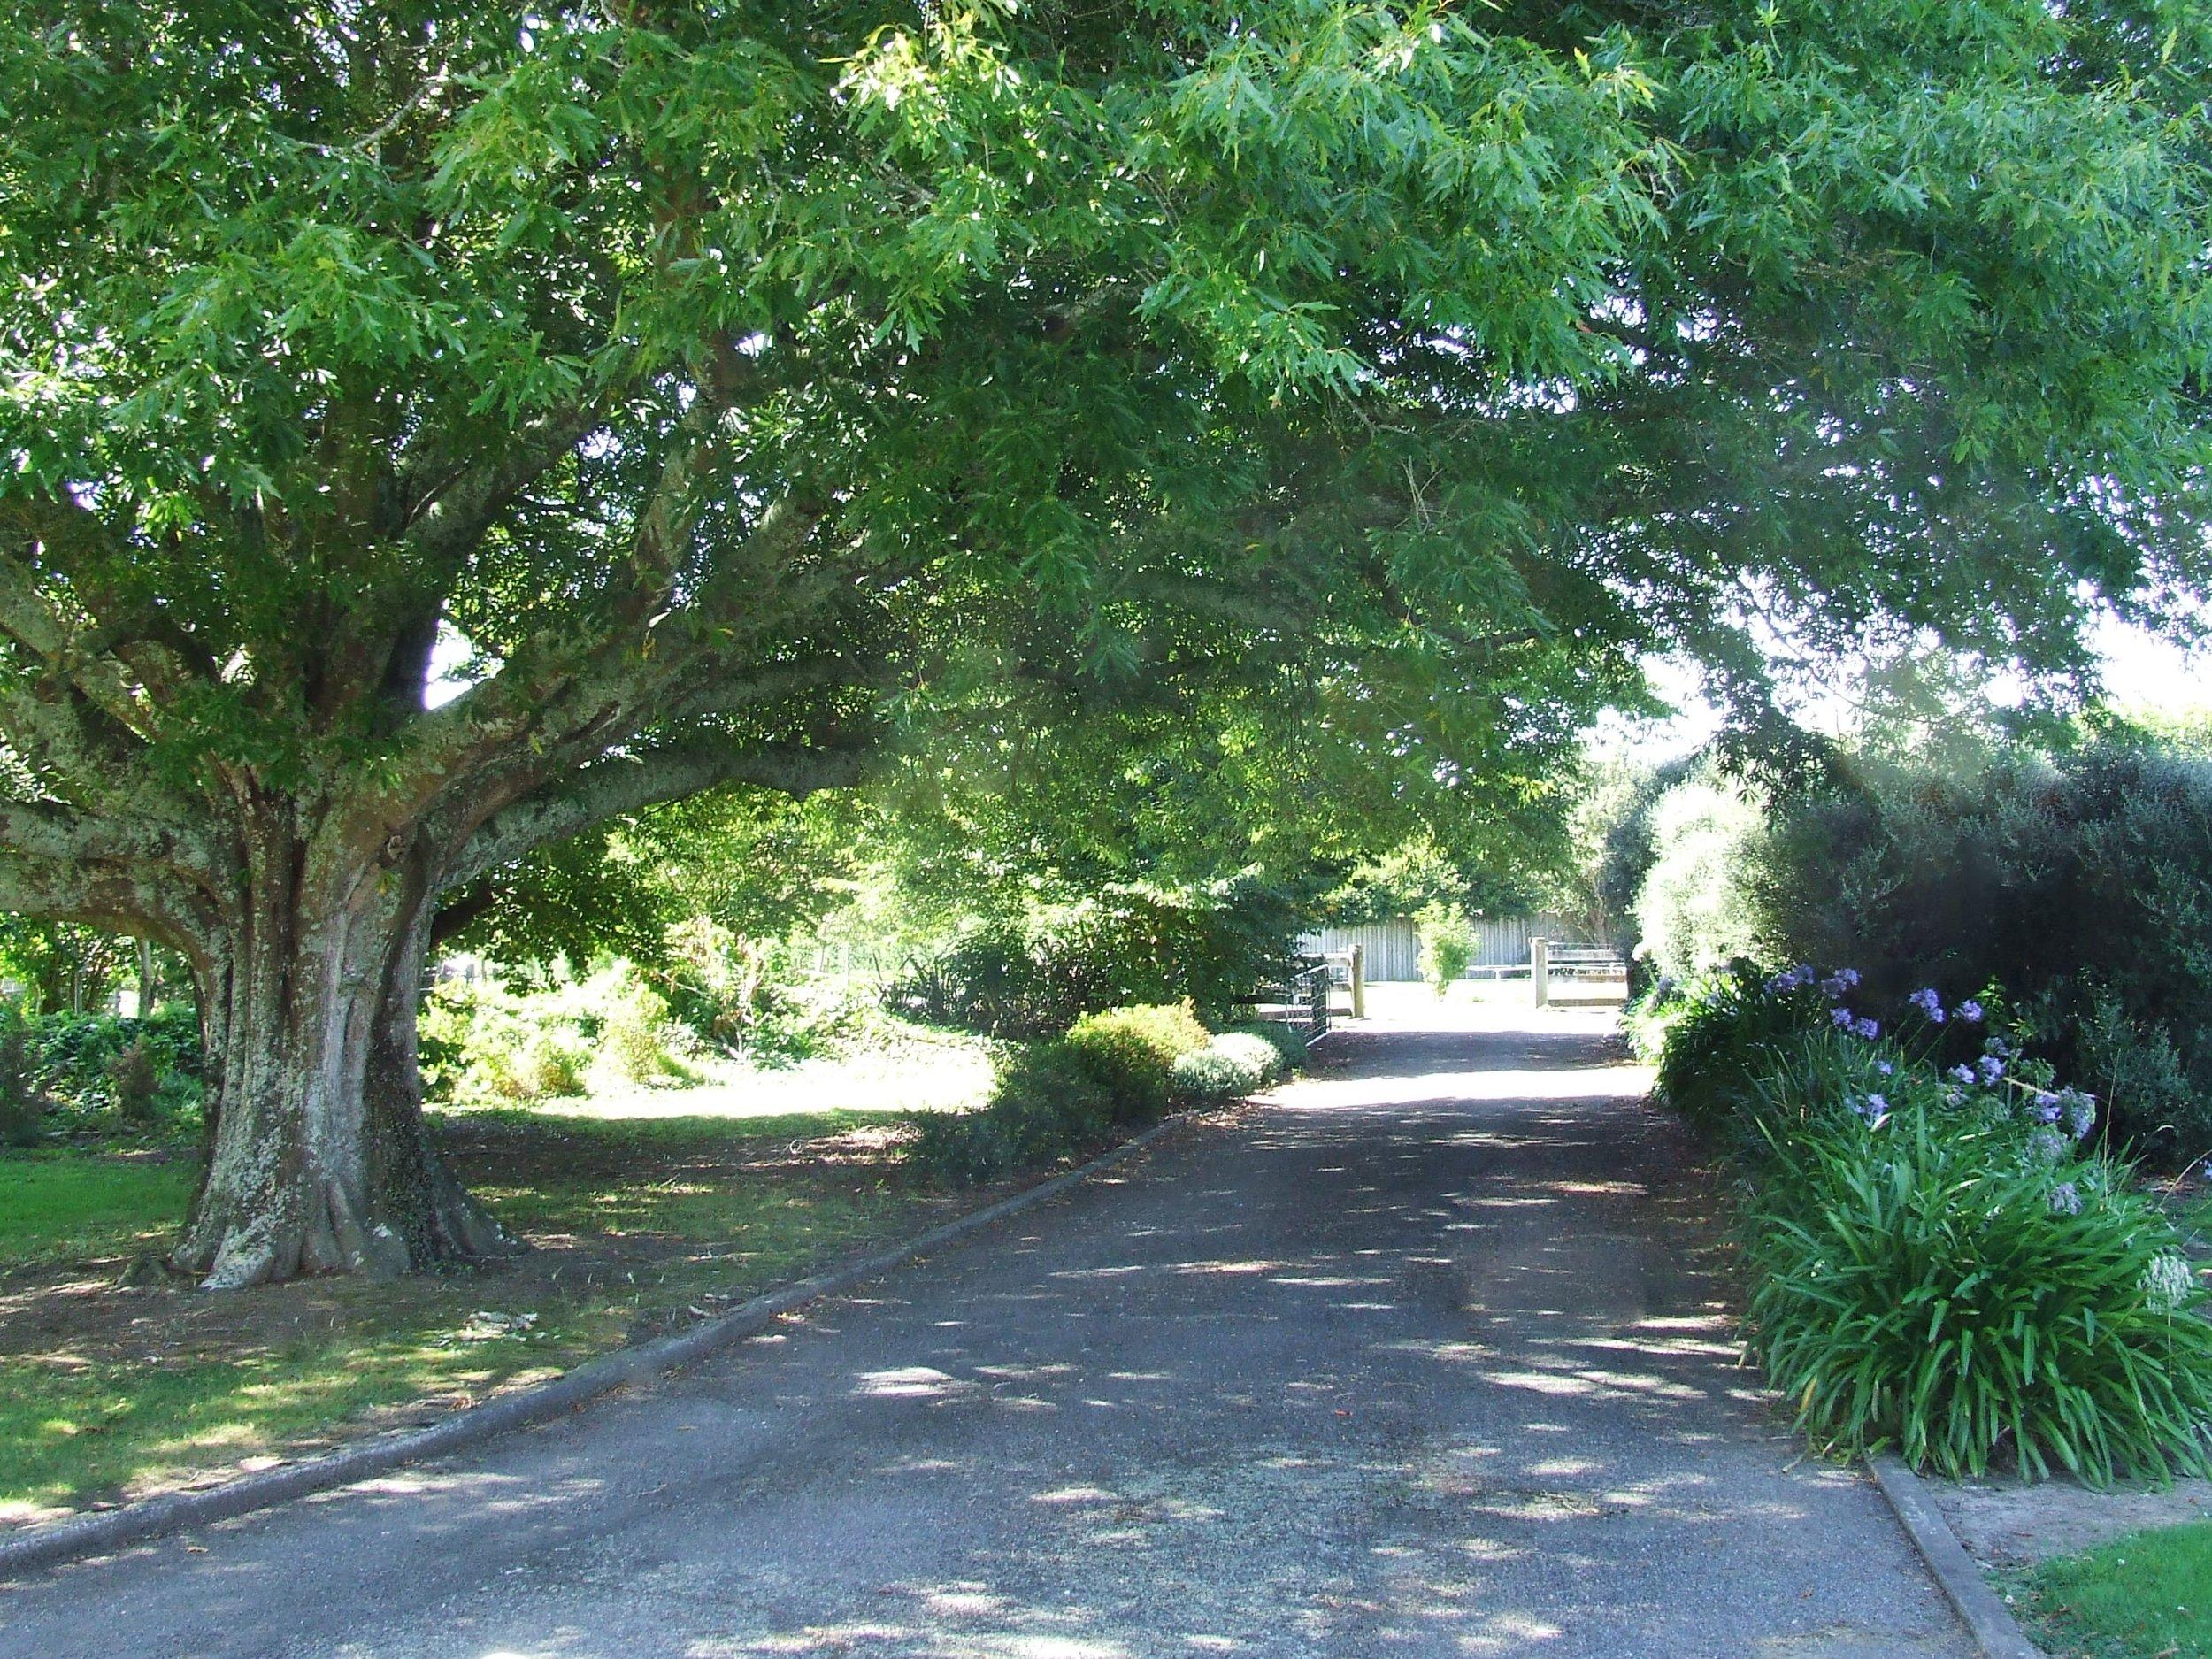 Rear driveway entrance